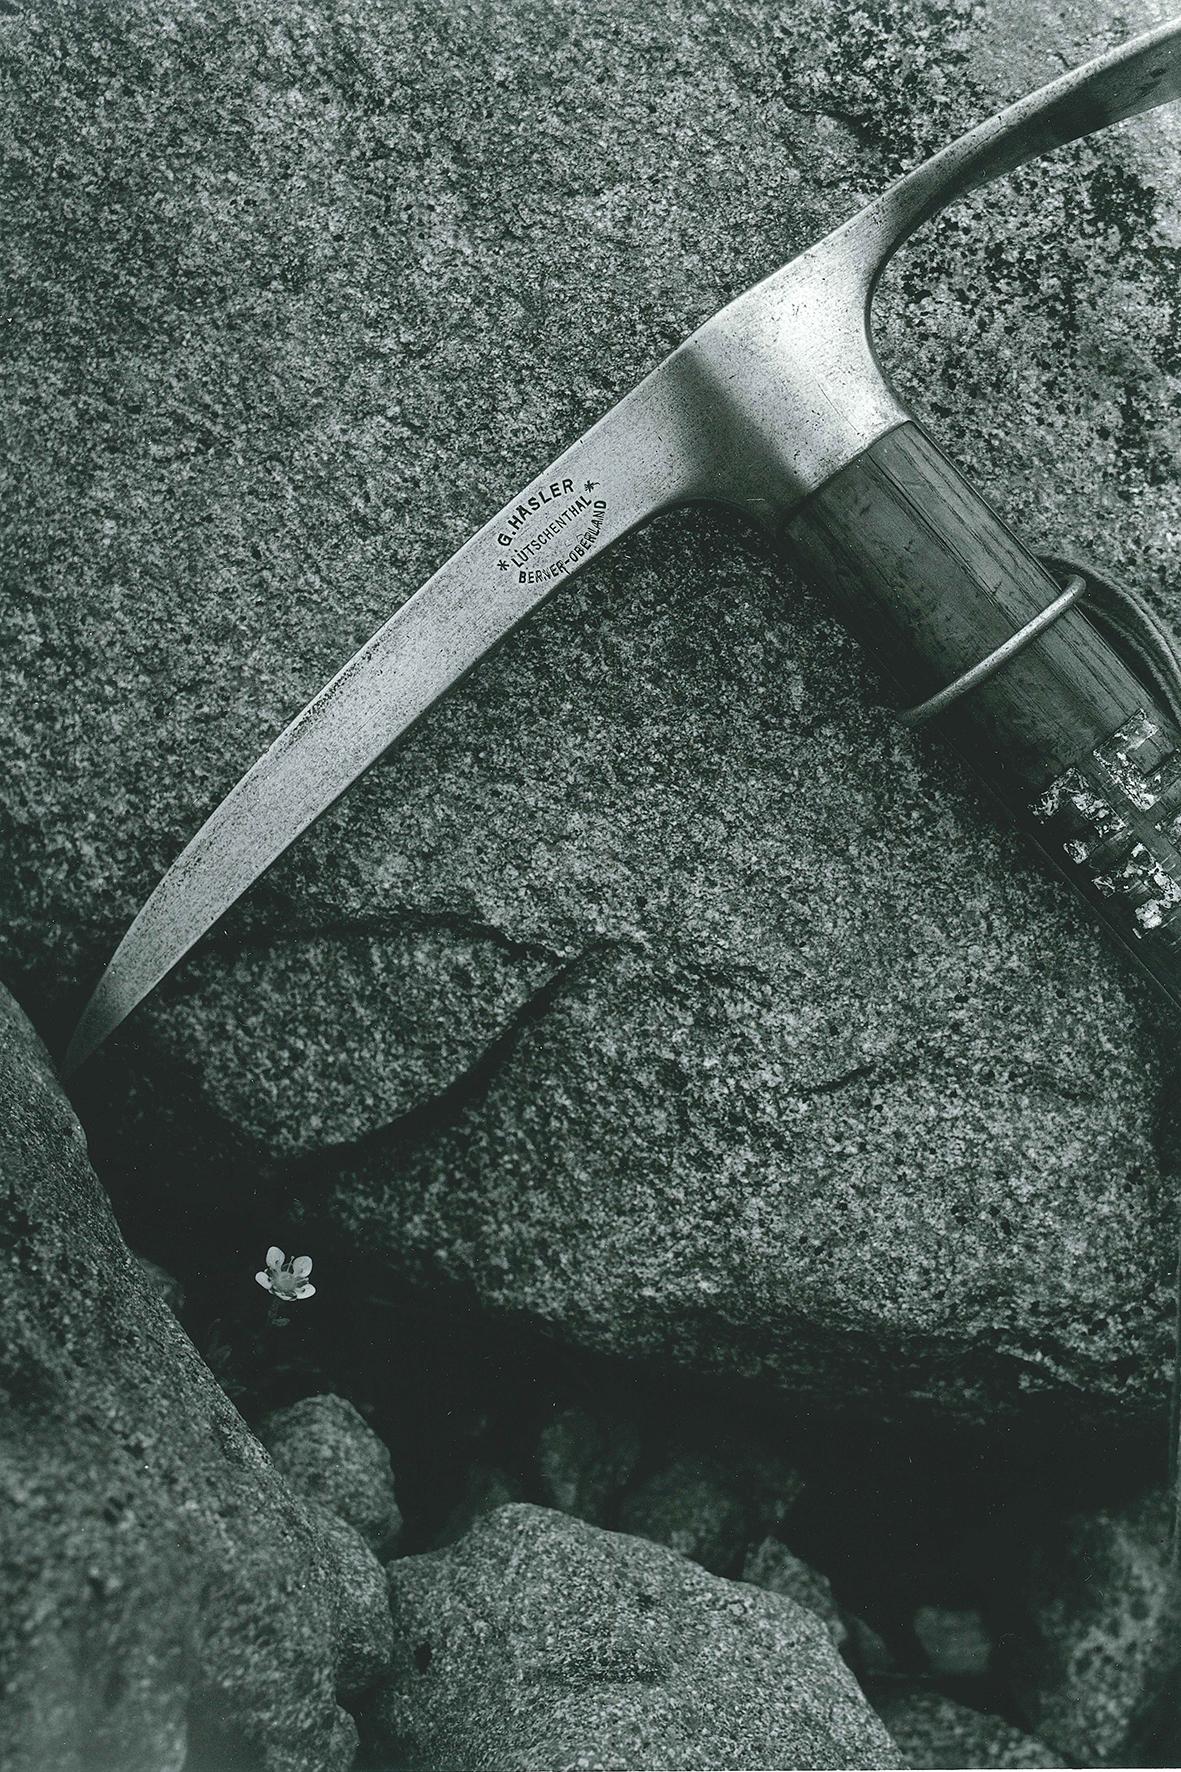 田淵行男撮影【岩とピッケル】